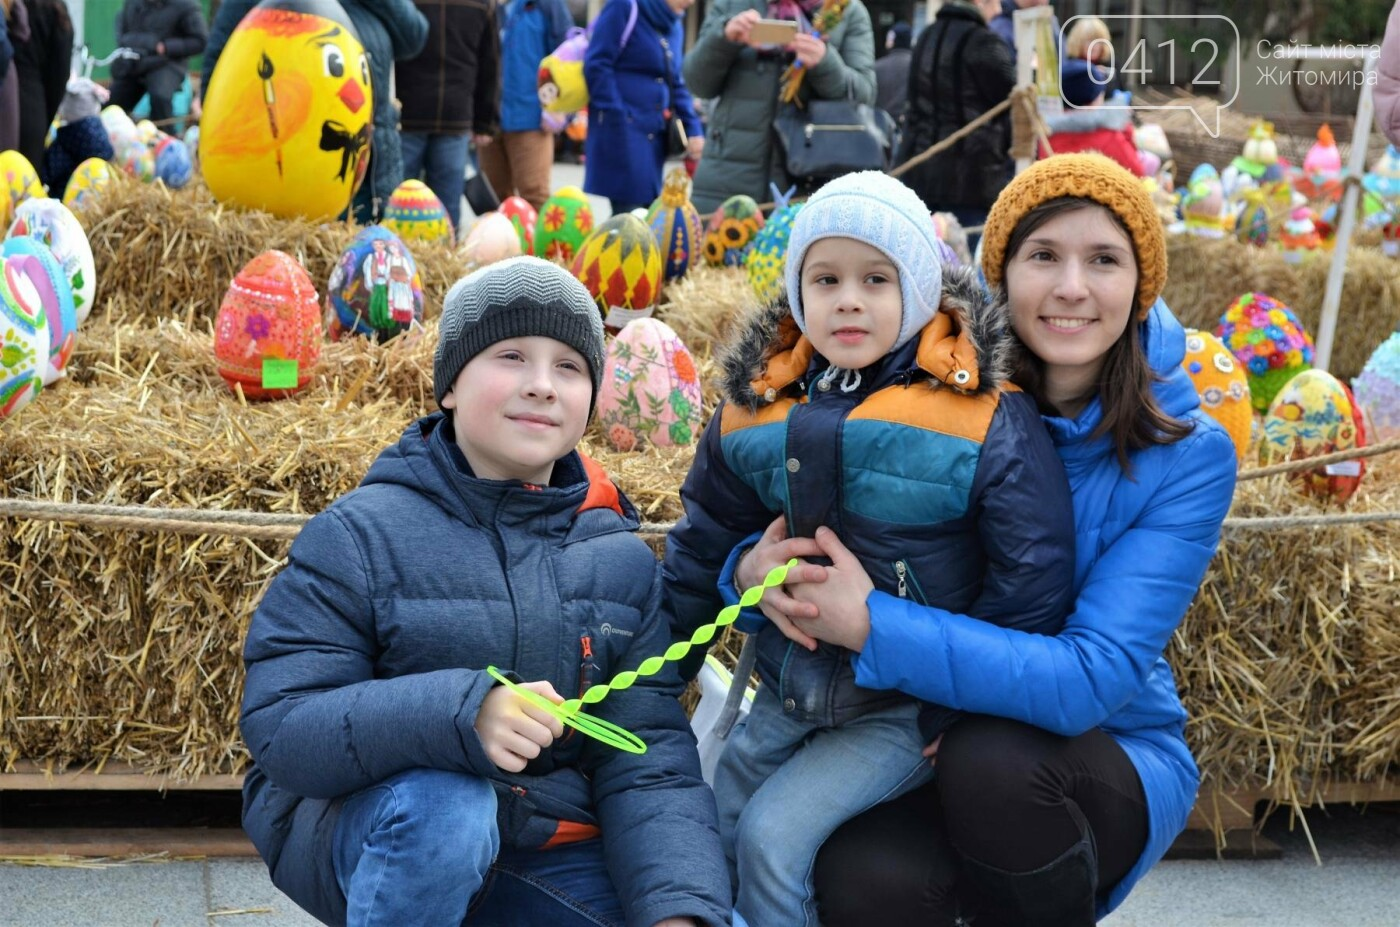 Ярмарок, фотолокації та розваги: у Житомирі розпочалися Великодні святкування, фото-2